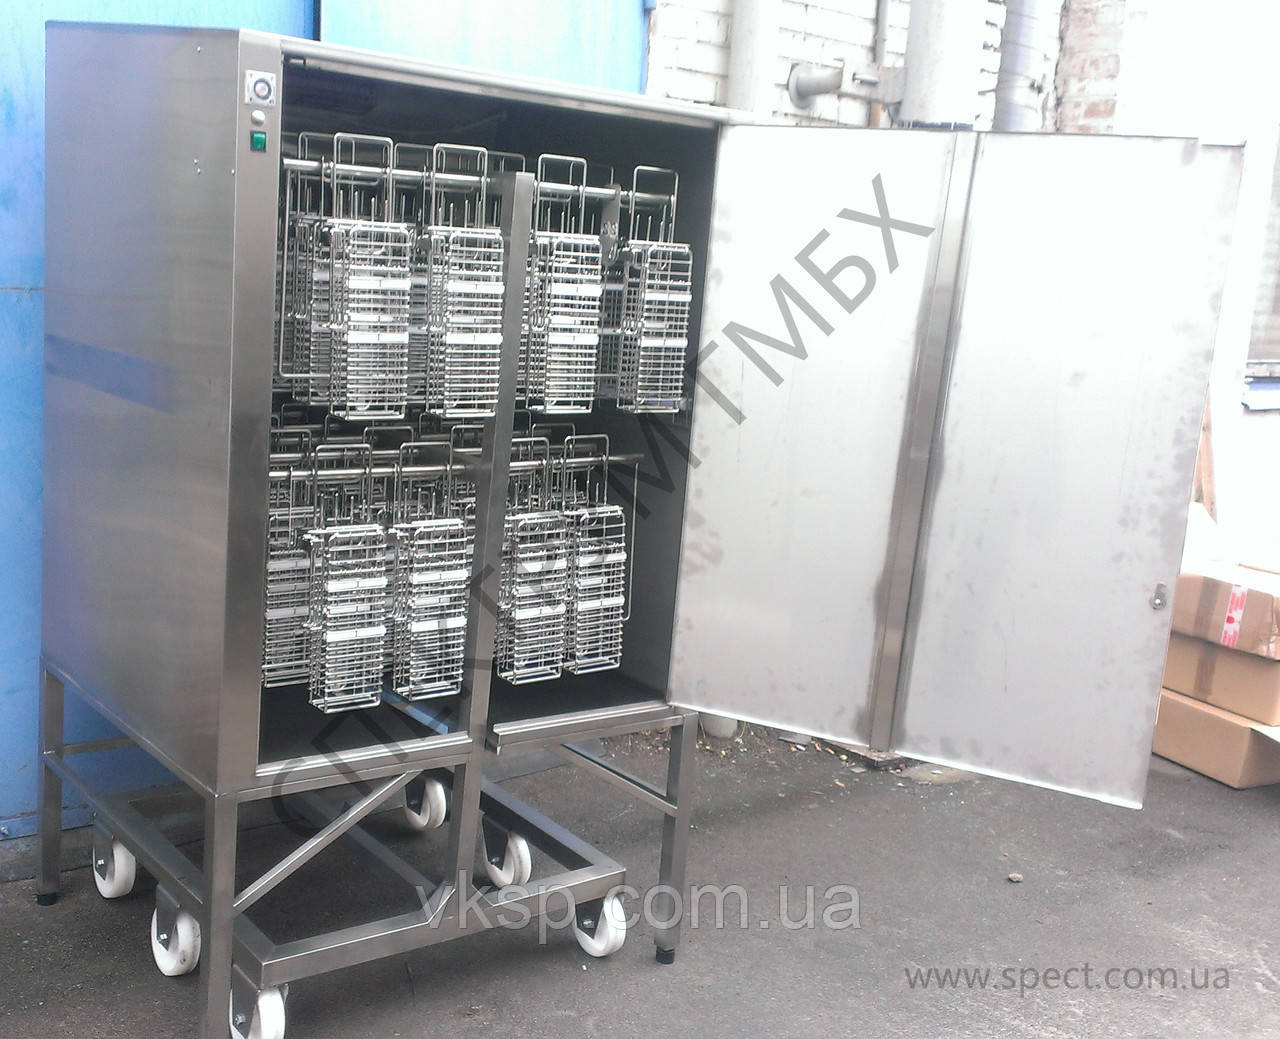 Шкаф стерилизатор ультрафиолетом для тележек с корзинами для ножей